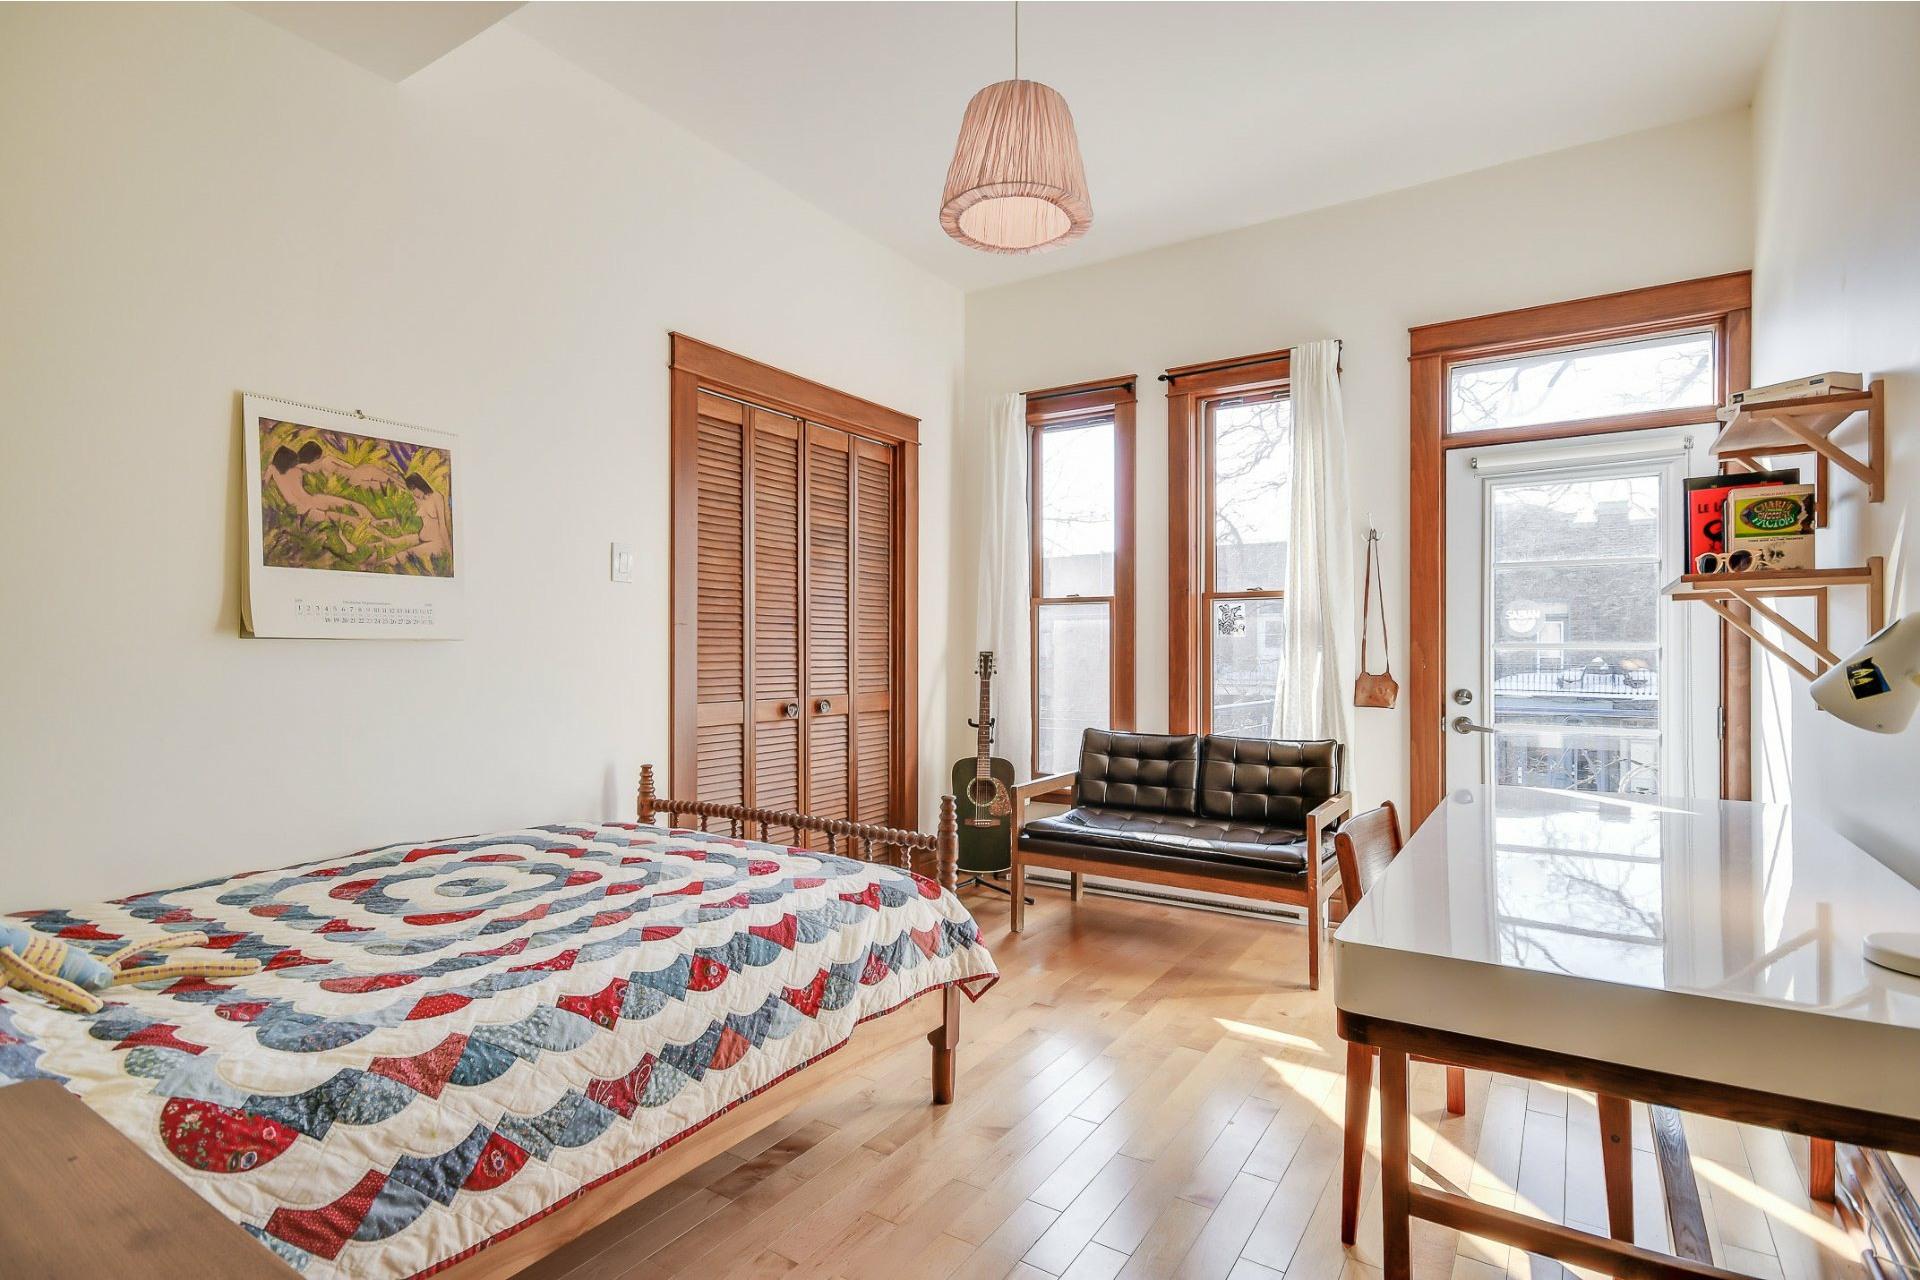 image 8 - Appartement À vendre Le Plateau-Mont-Royal Montréal  - 8 pièces